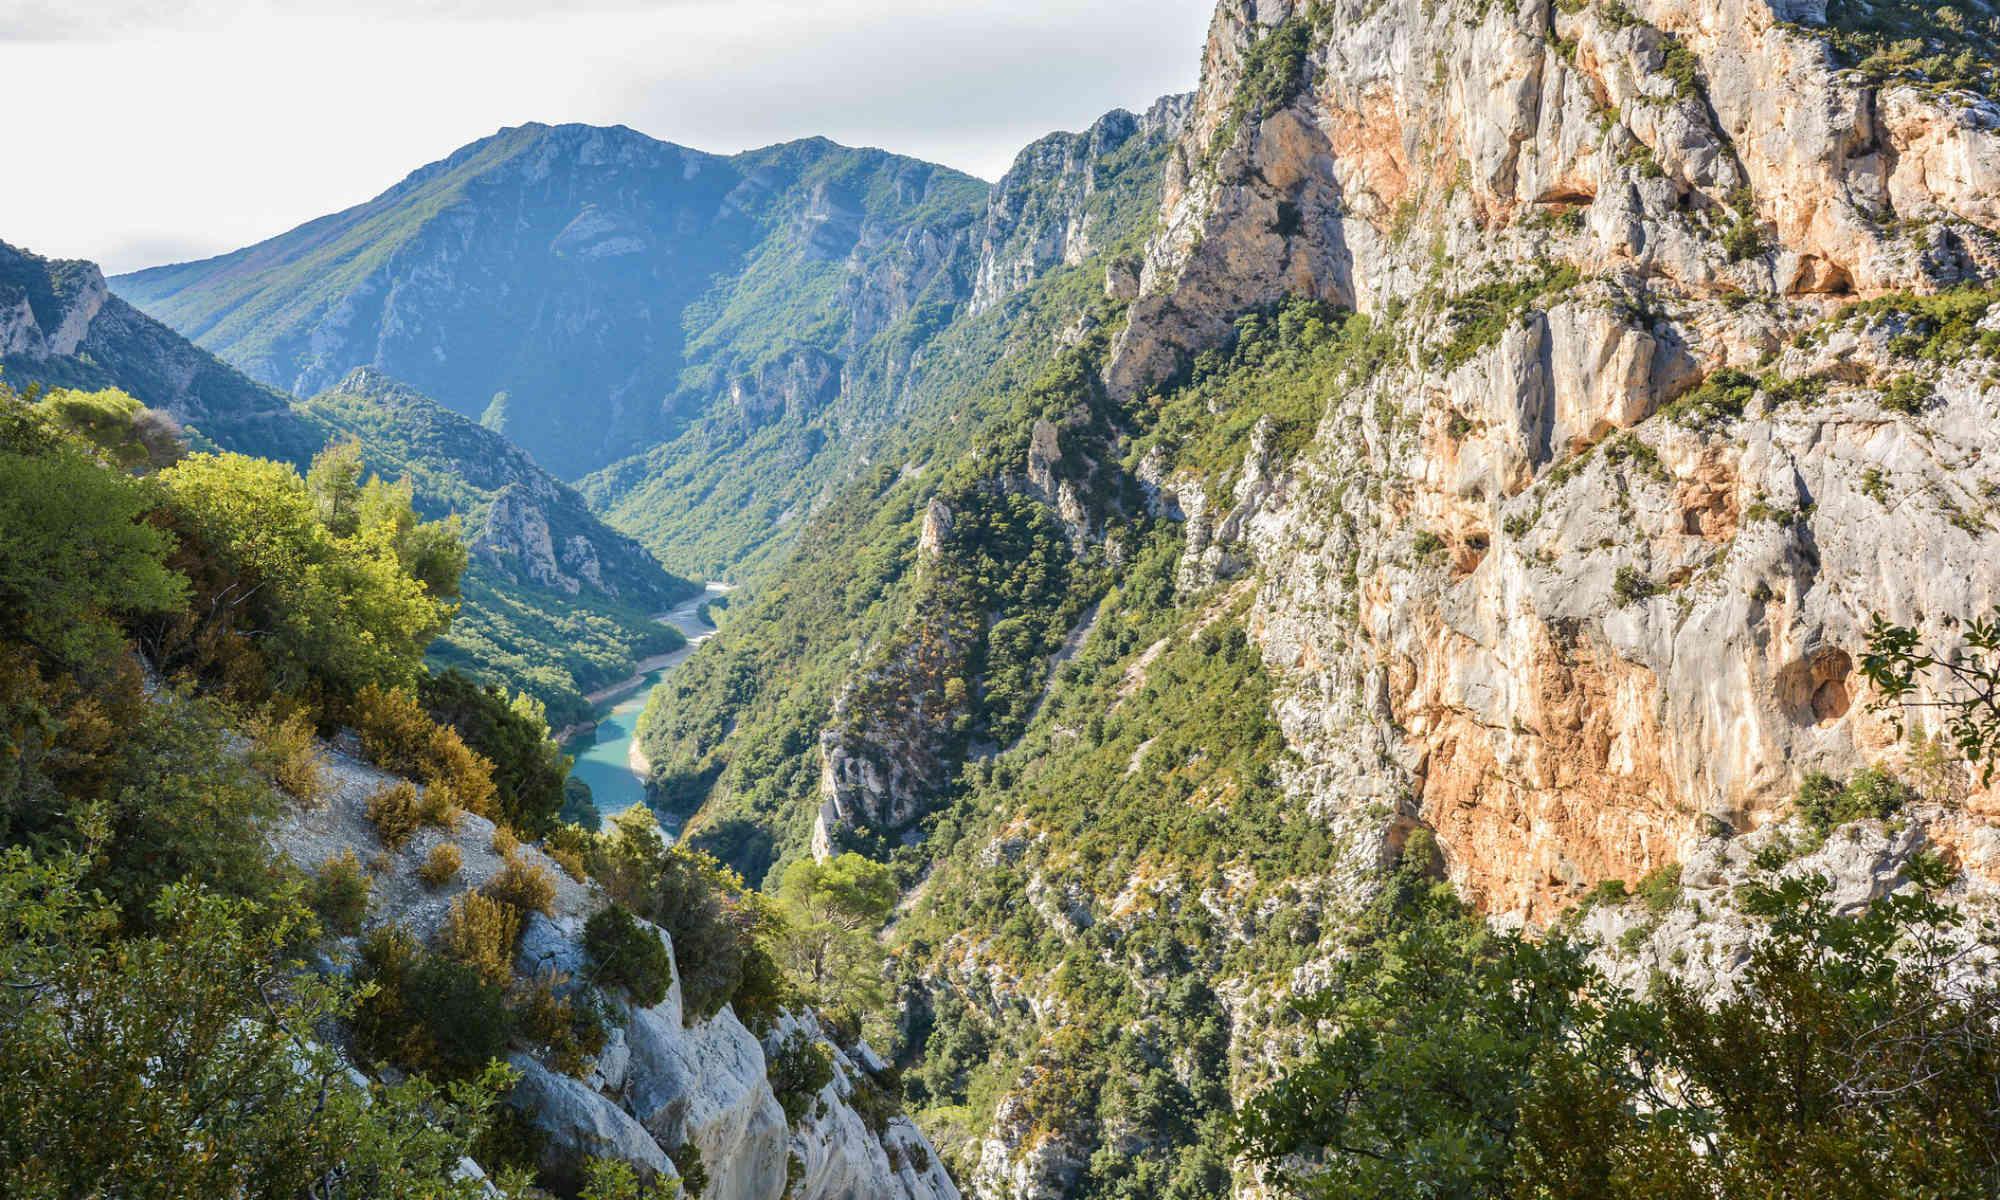 Vue aérienne de l'eau turquoise des gorges du Verdon.